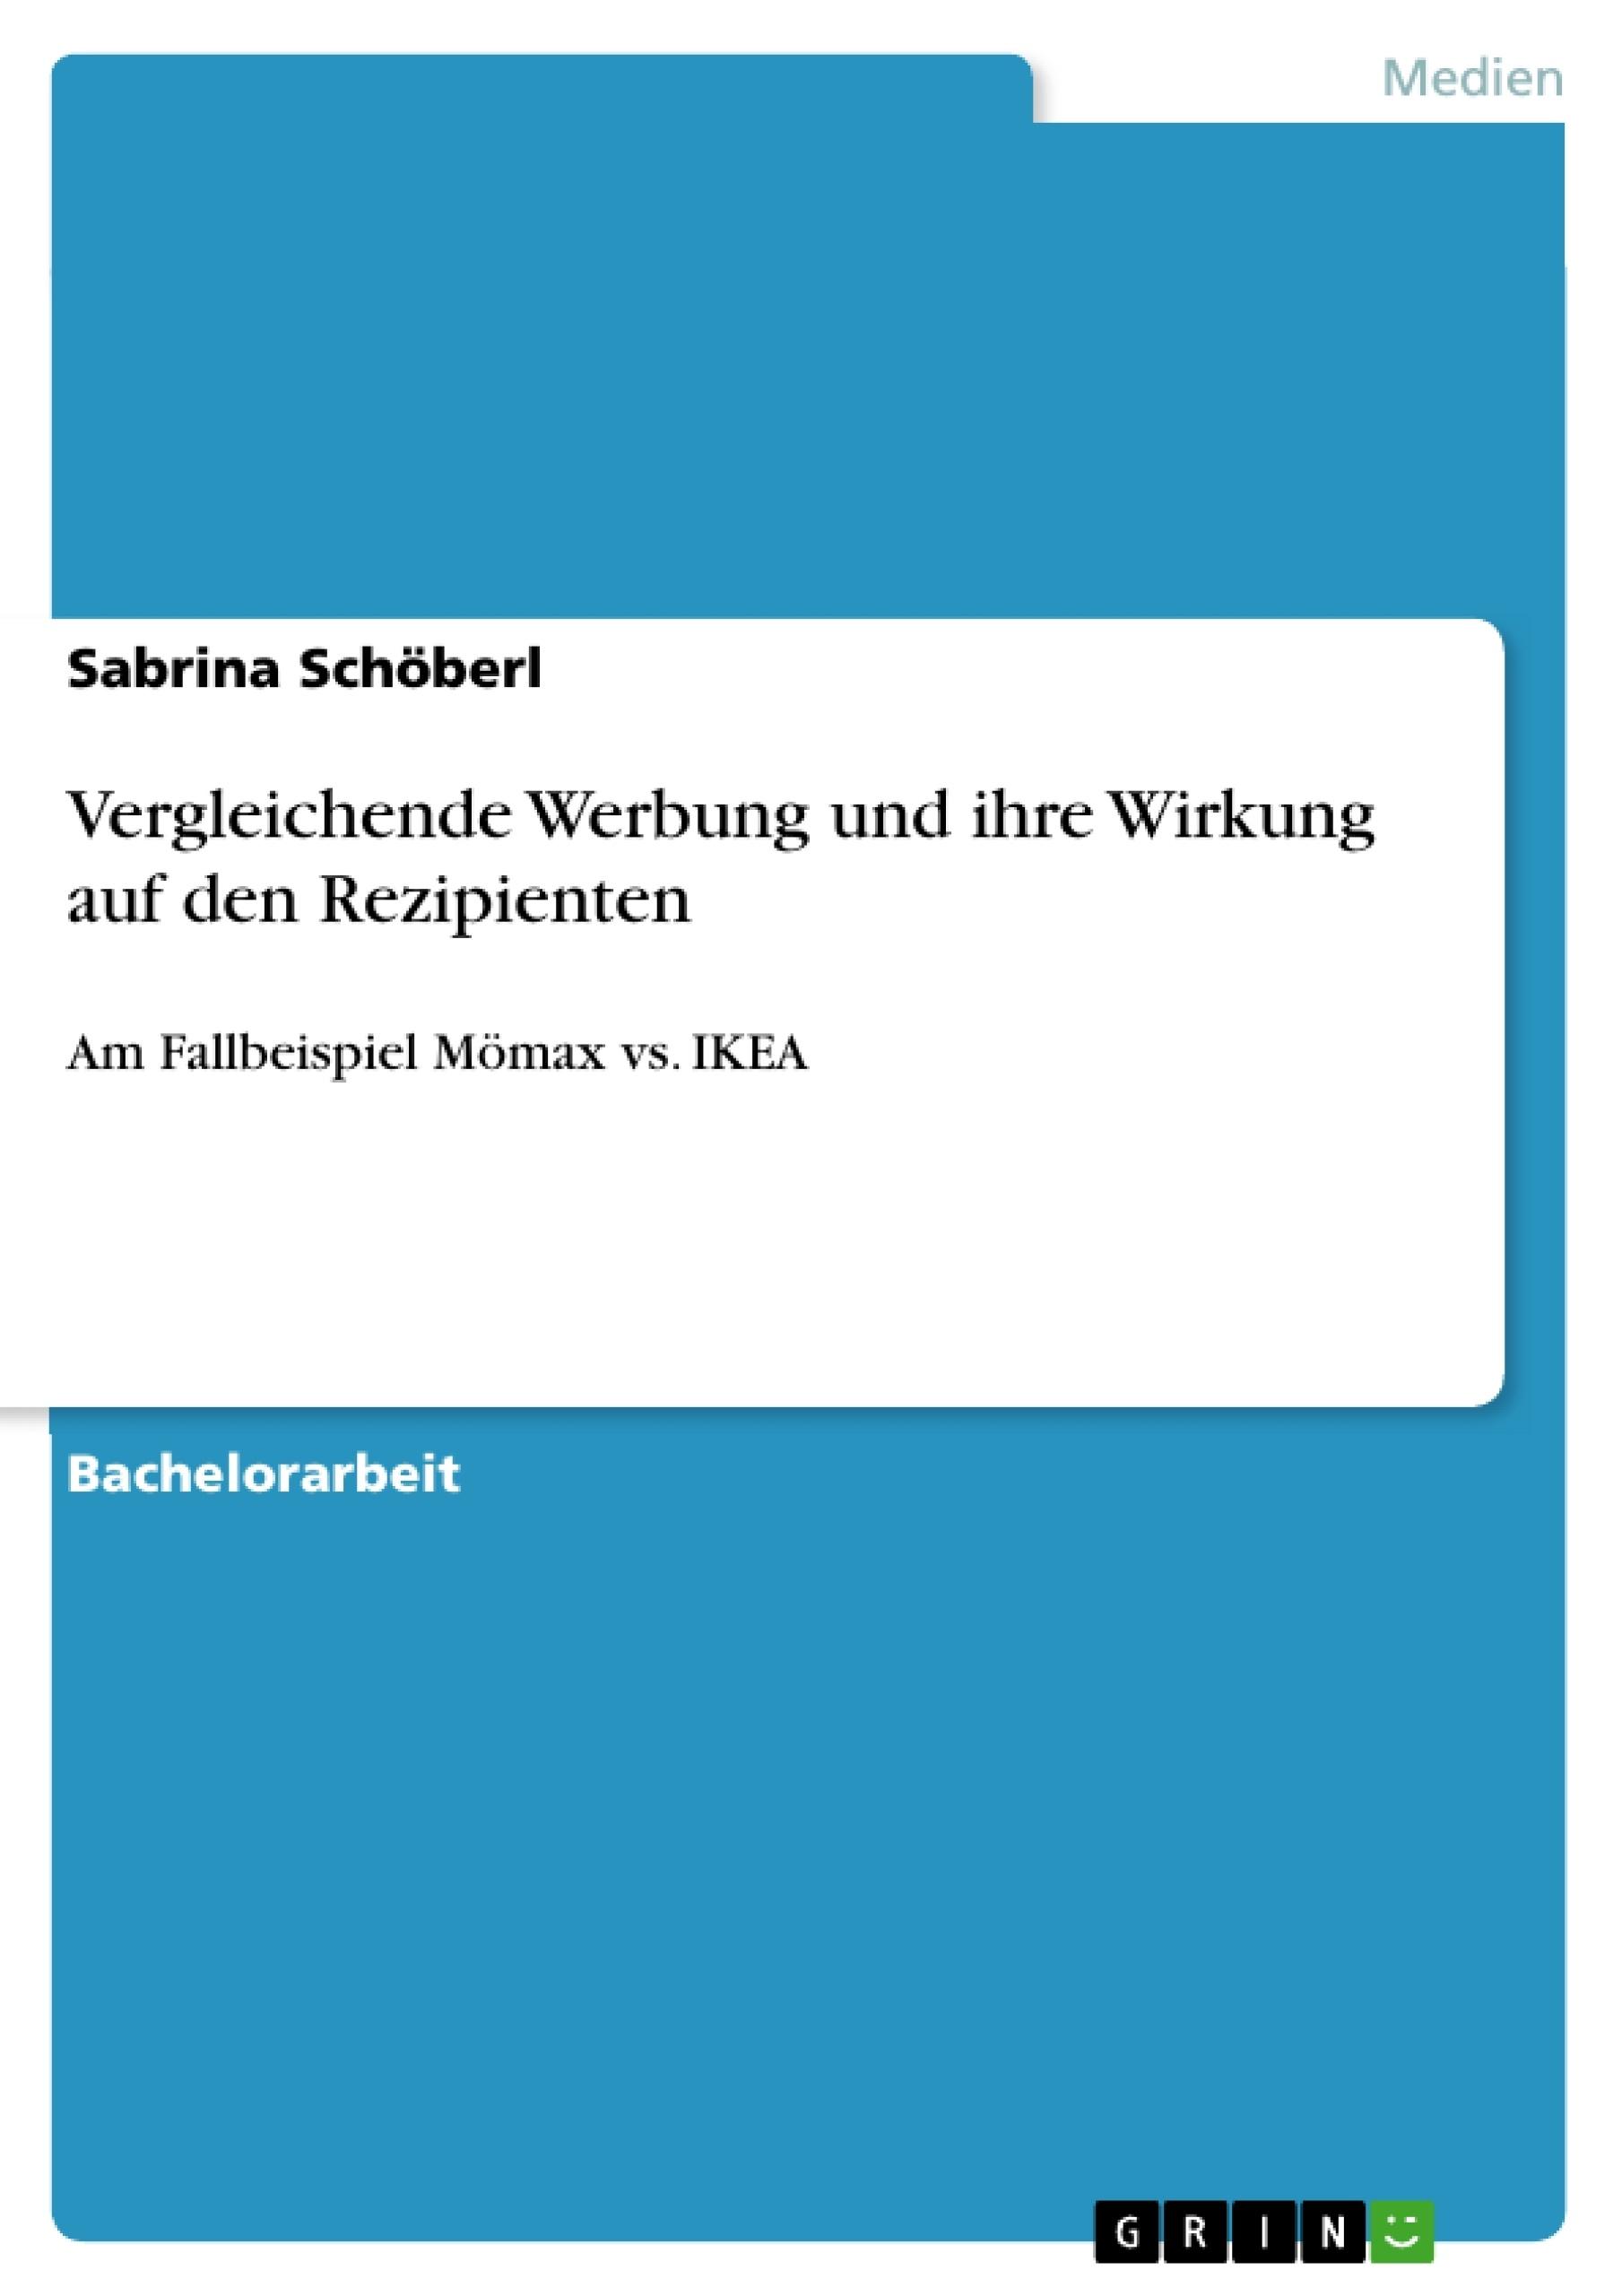 Titel: Vergleichende Werbung und ihre Wirkung auf den Rezipienten